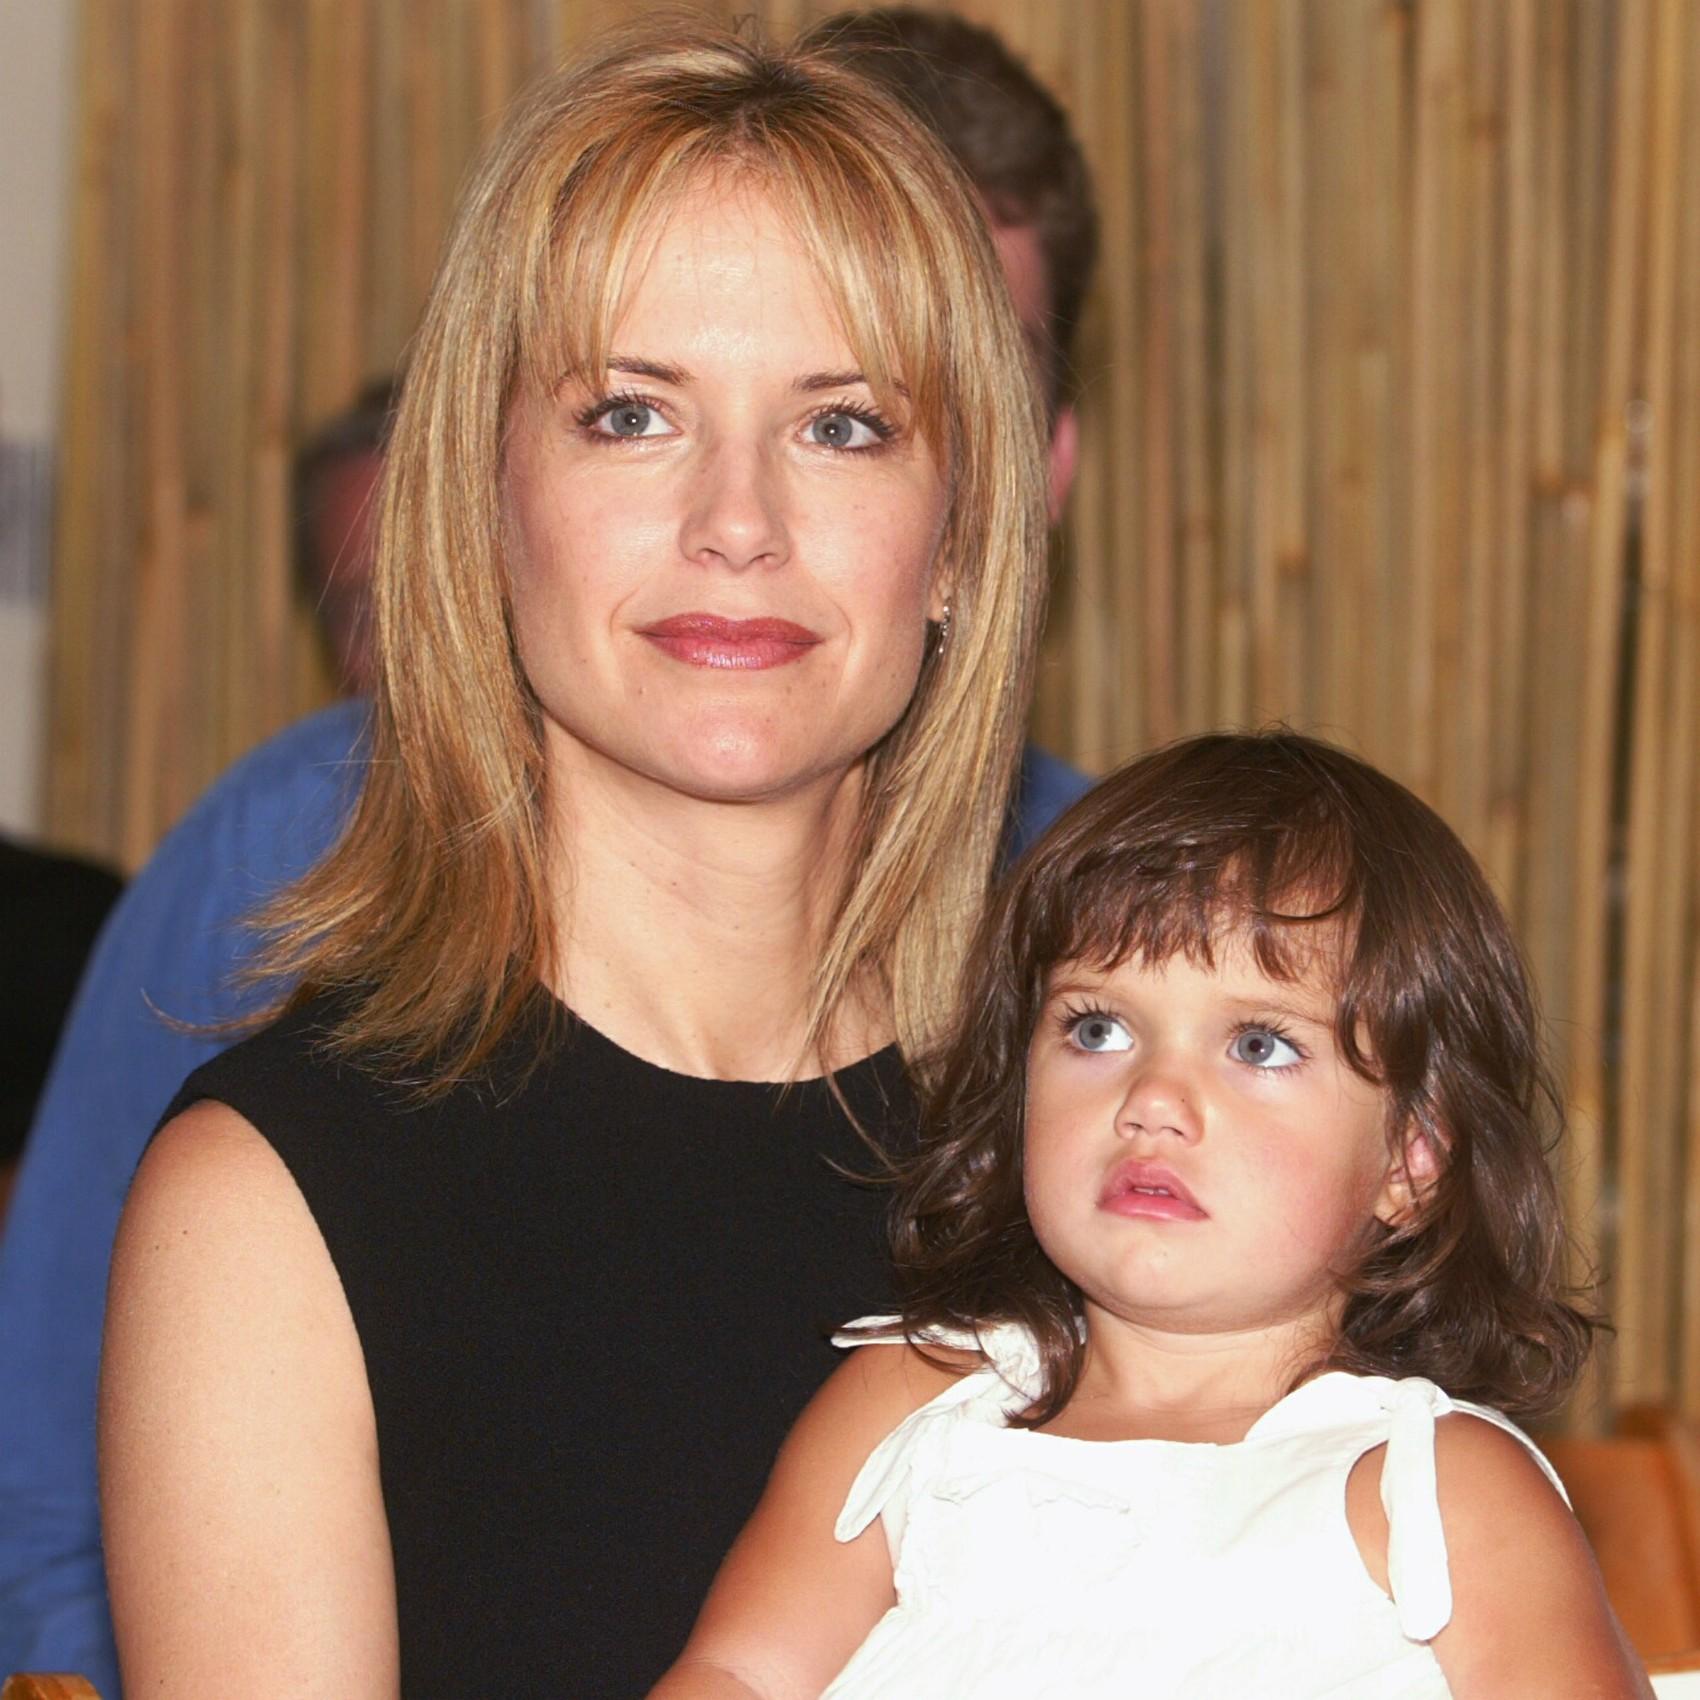 A atriz Kelly Preston, esposa de John Travolta, deu à luz os primeiros dois filhos em casa. Na foto, ela aparece com a do meio, Ella Bleu. O primogênito, Jett, morreu em janeiro de 2009, aos 16 anos, com um ataque epiléptico. (Foto: Getty Images)